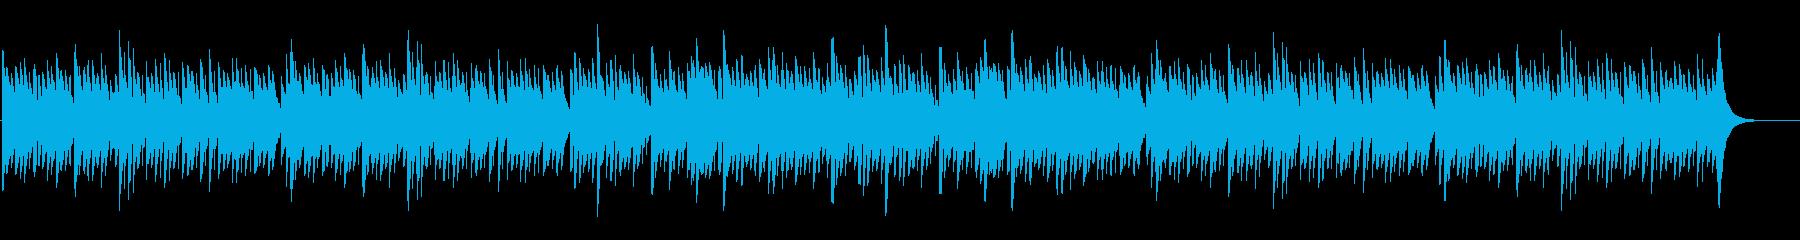 ほっこりするロマンチックなオルゴールの再生済みの波形